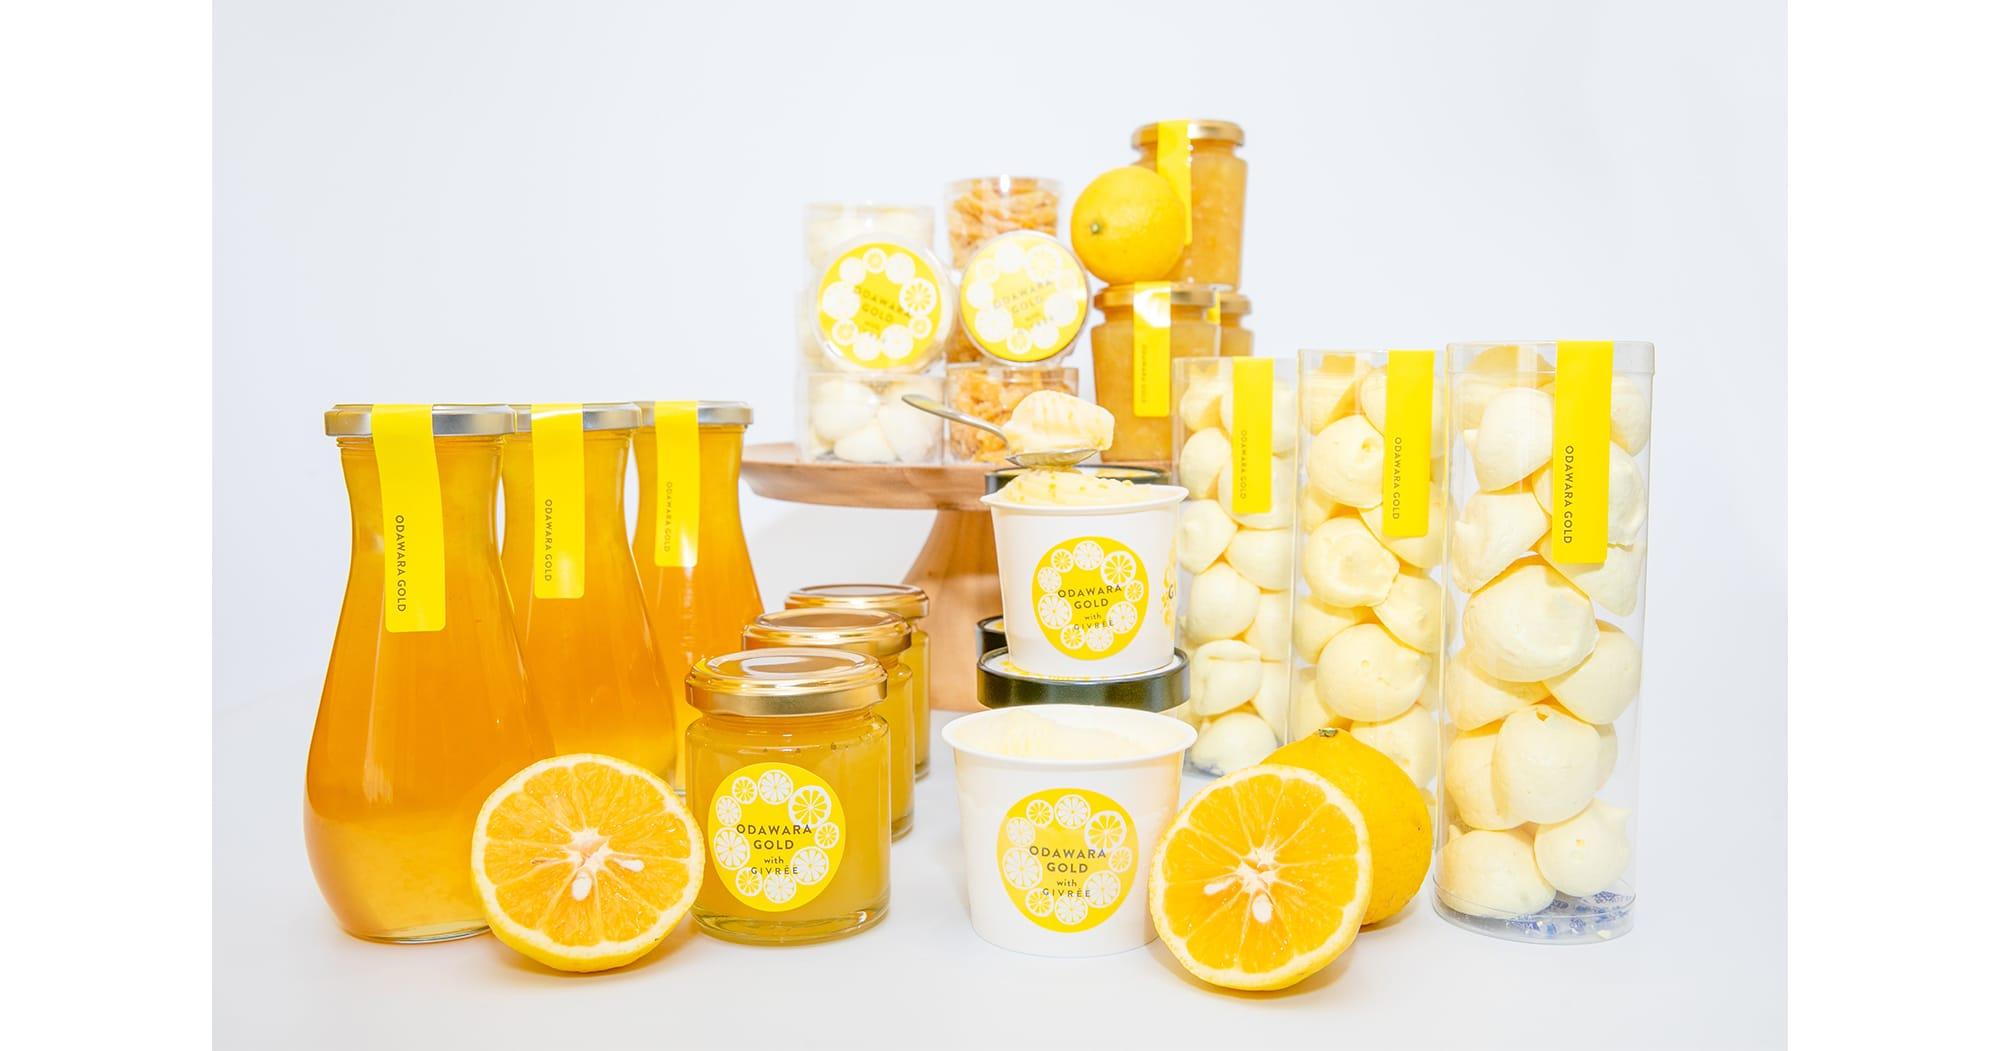 幻のオレンジと言われる小田原産の湘南ゴールドをふんだんに使った「小田原ゴールド」のスイーツ。